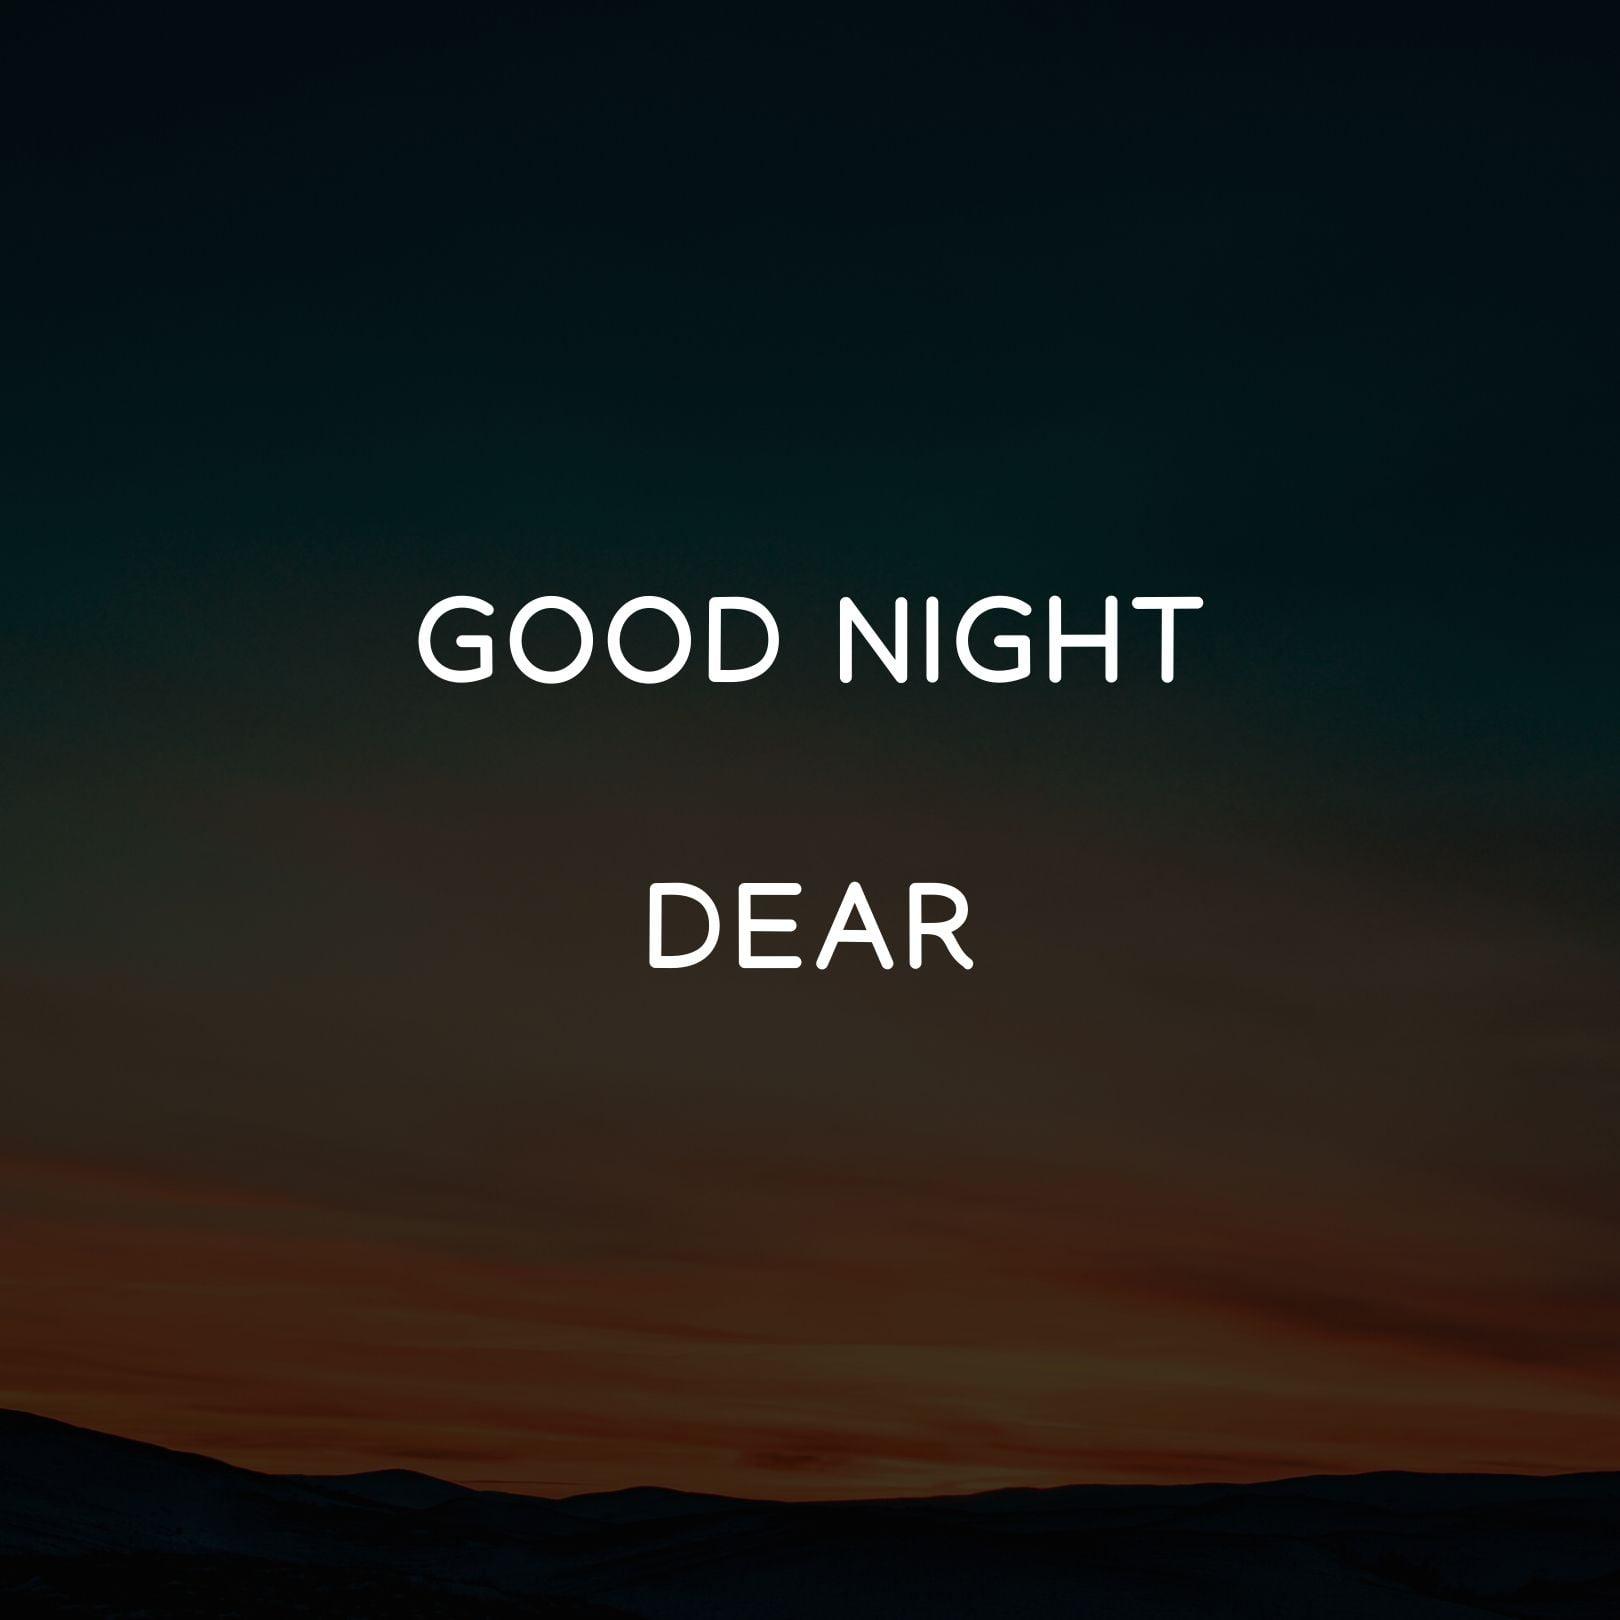 Good Night Dear sad image full HD free download.